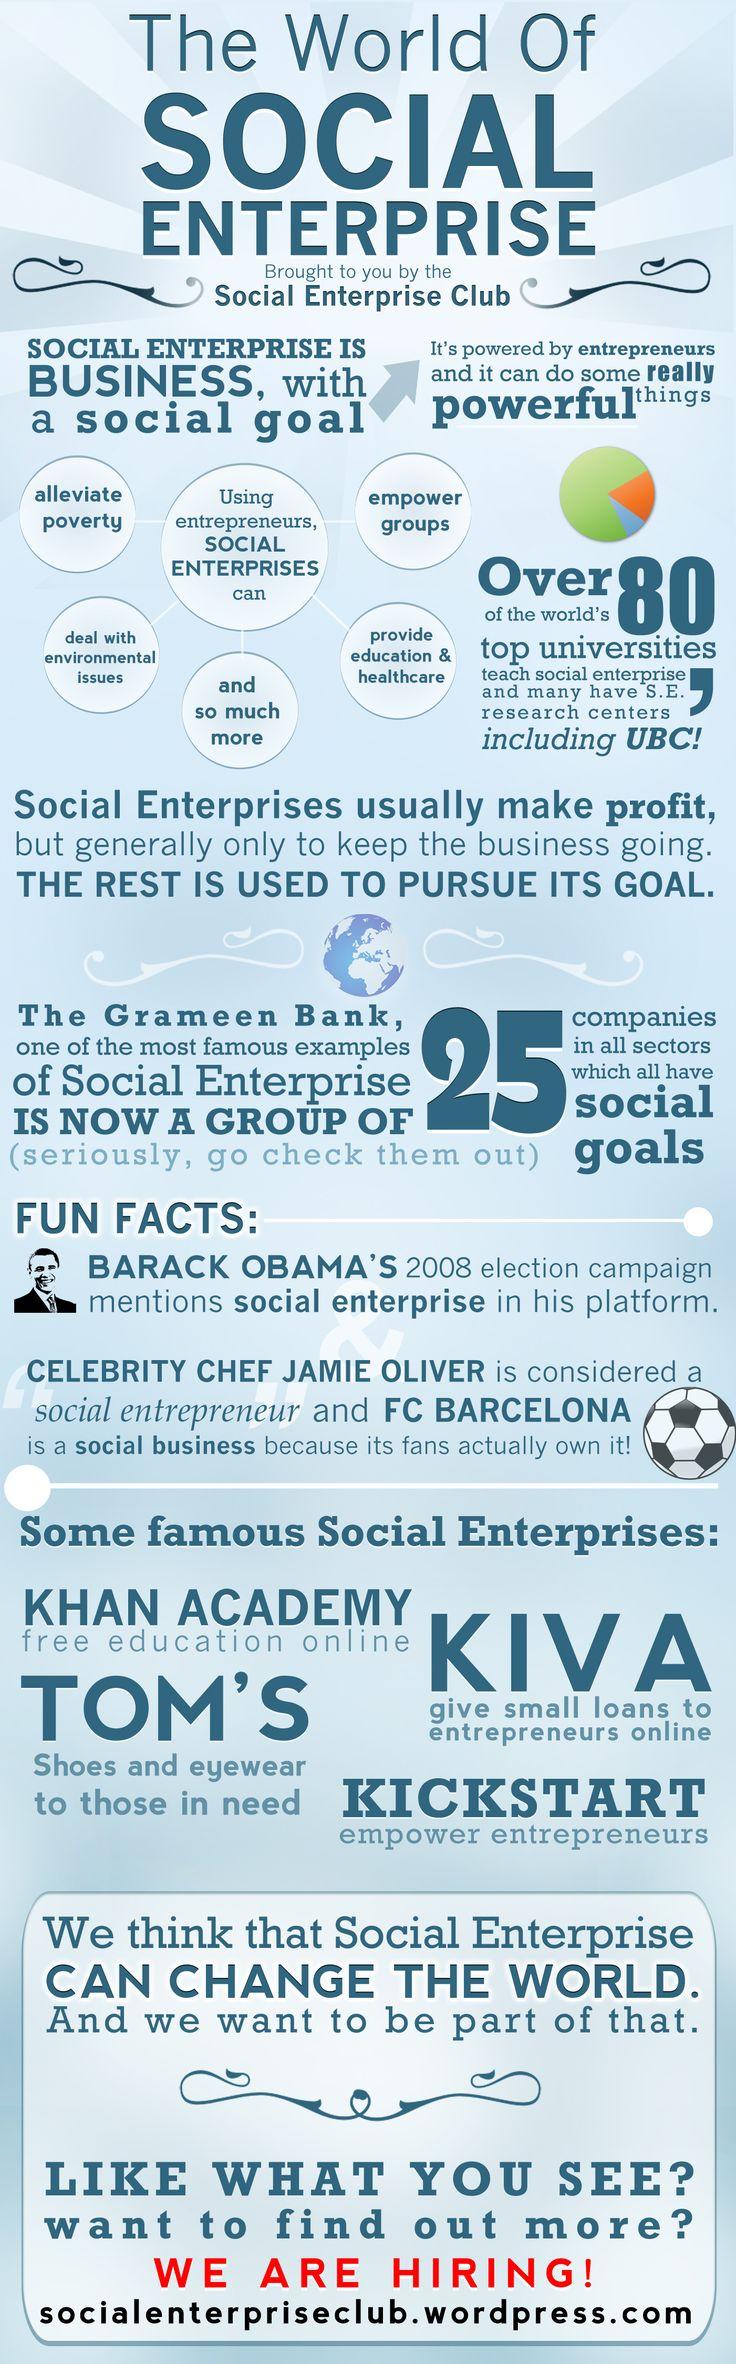 The world of Social Enterprise https://www.facebook.com/instituteofsocialentrepreneurship